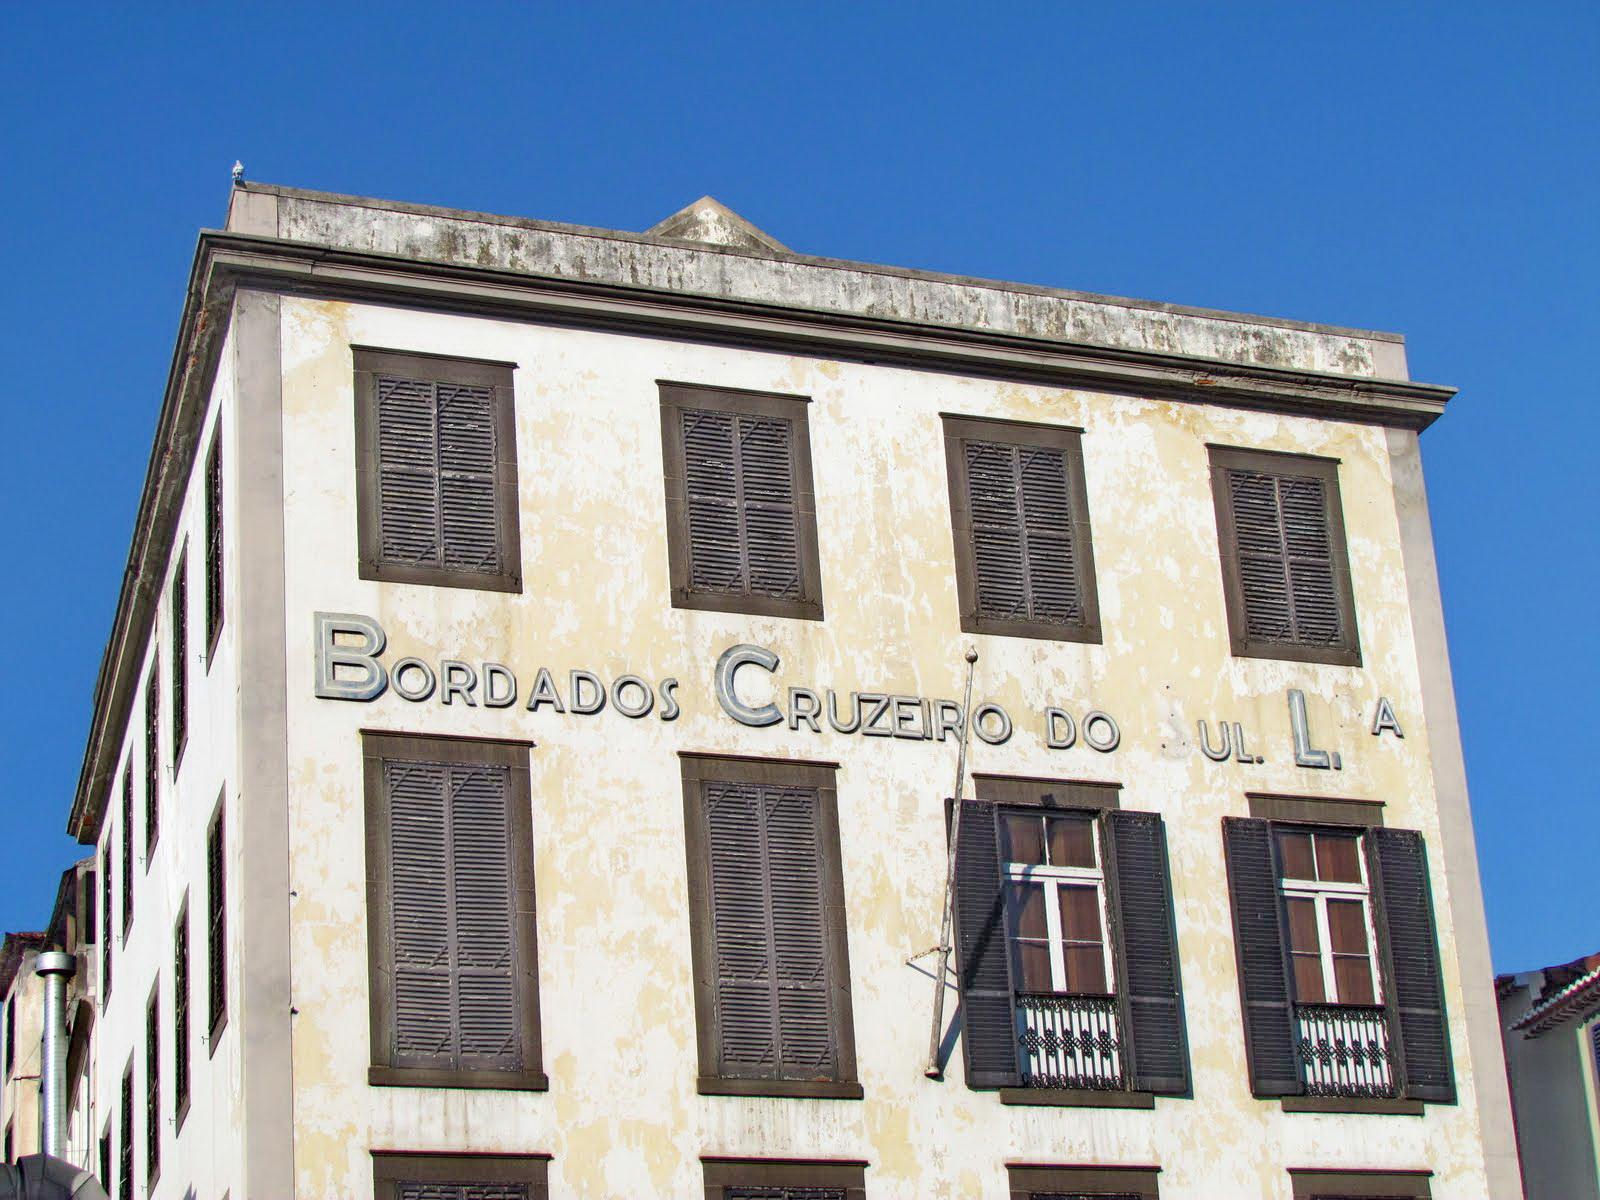 Bordados Cruzeiros do Sul old factory